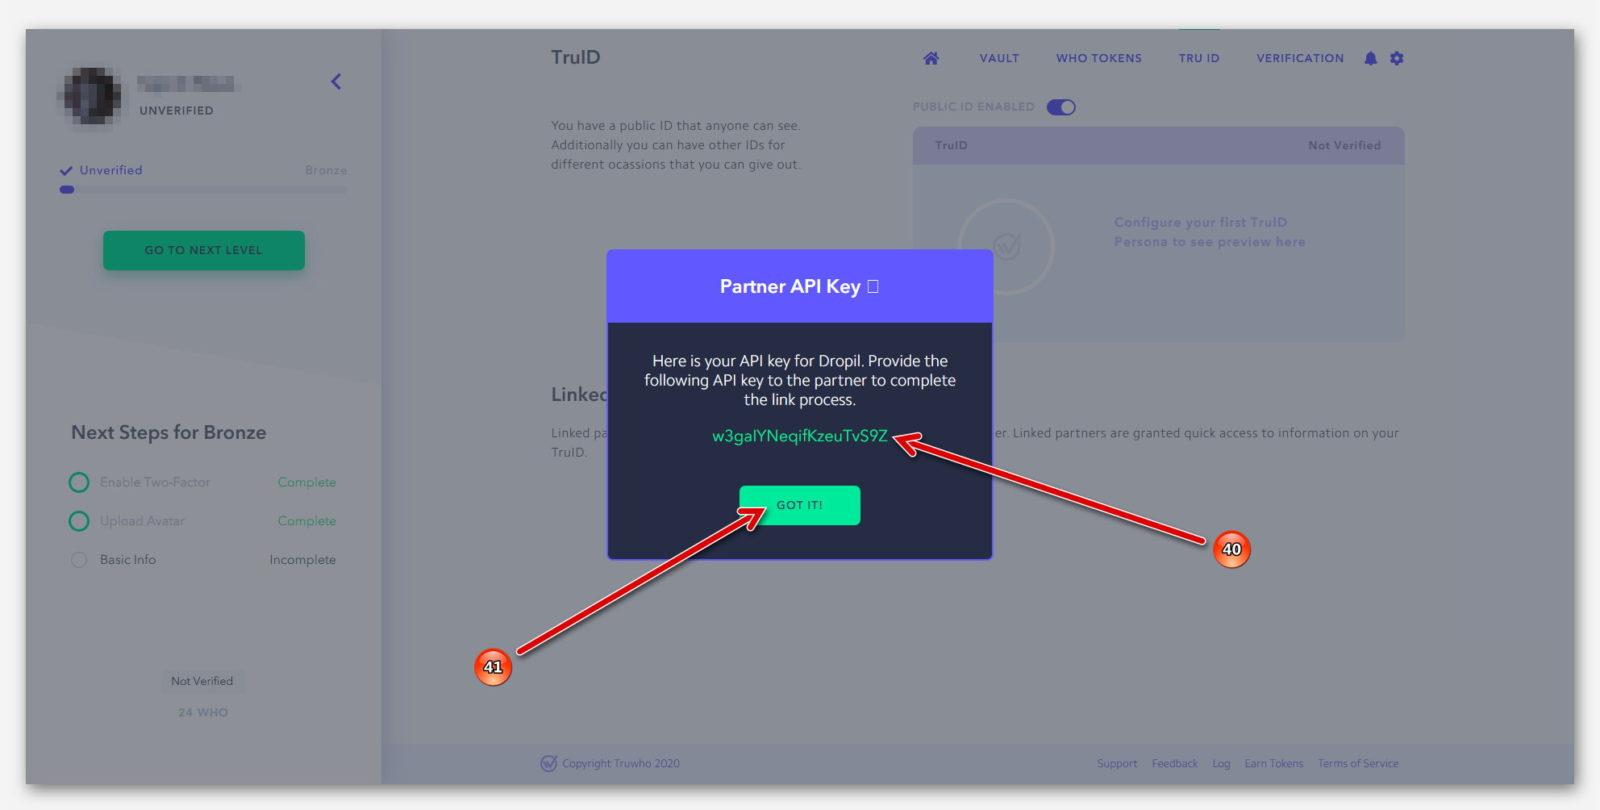 Готовый API-ключ, для соединения с партнёром Dropil, в компании Truwho